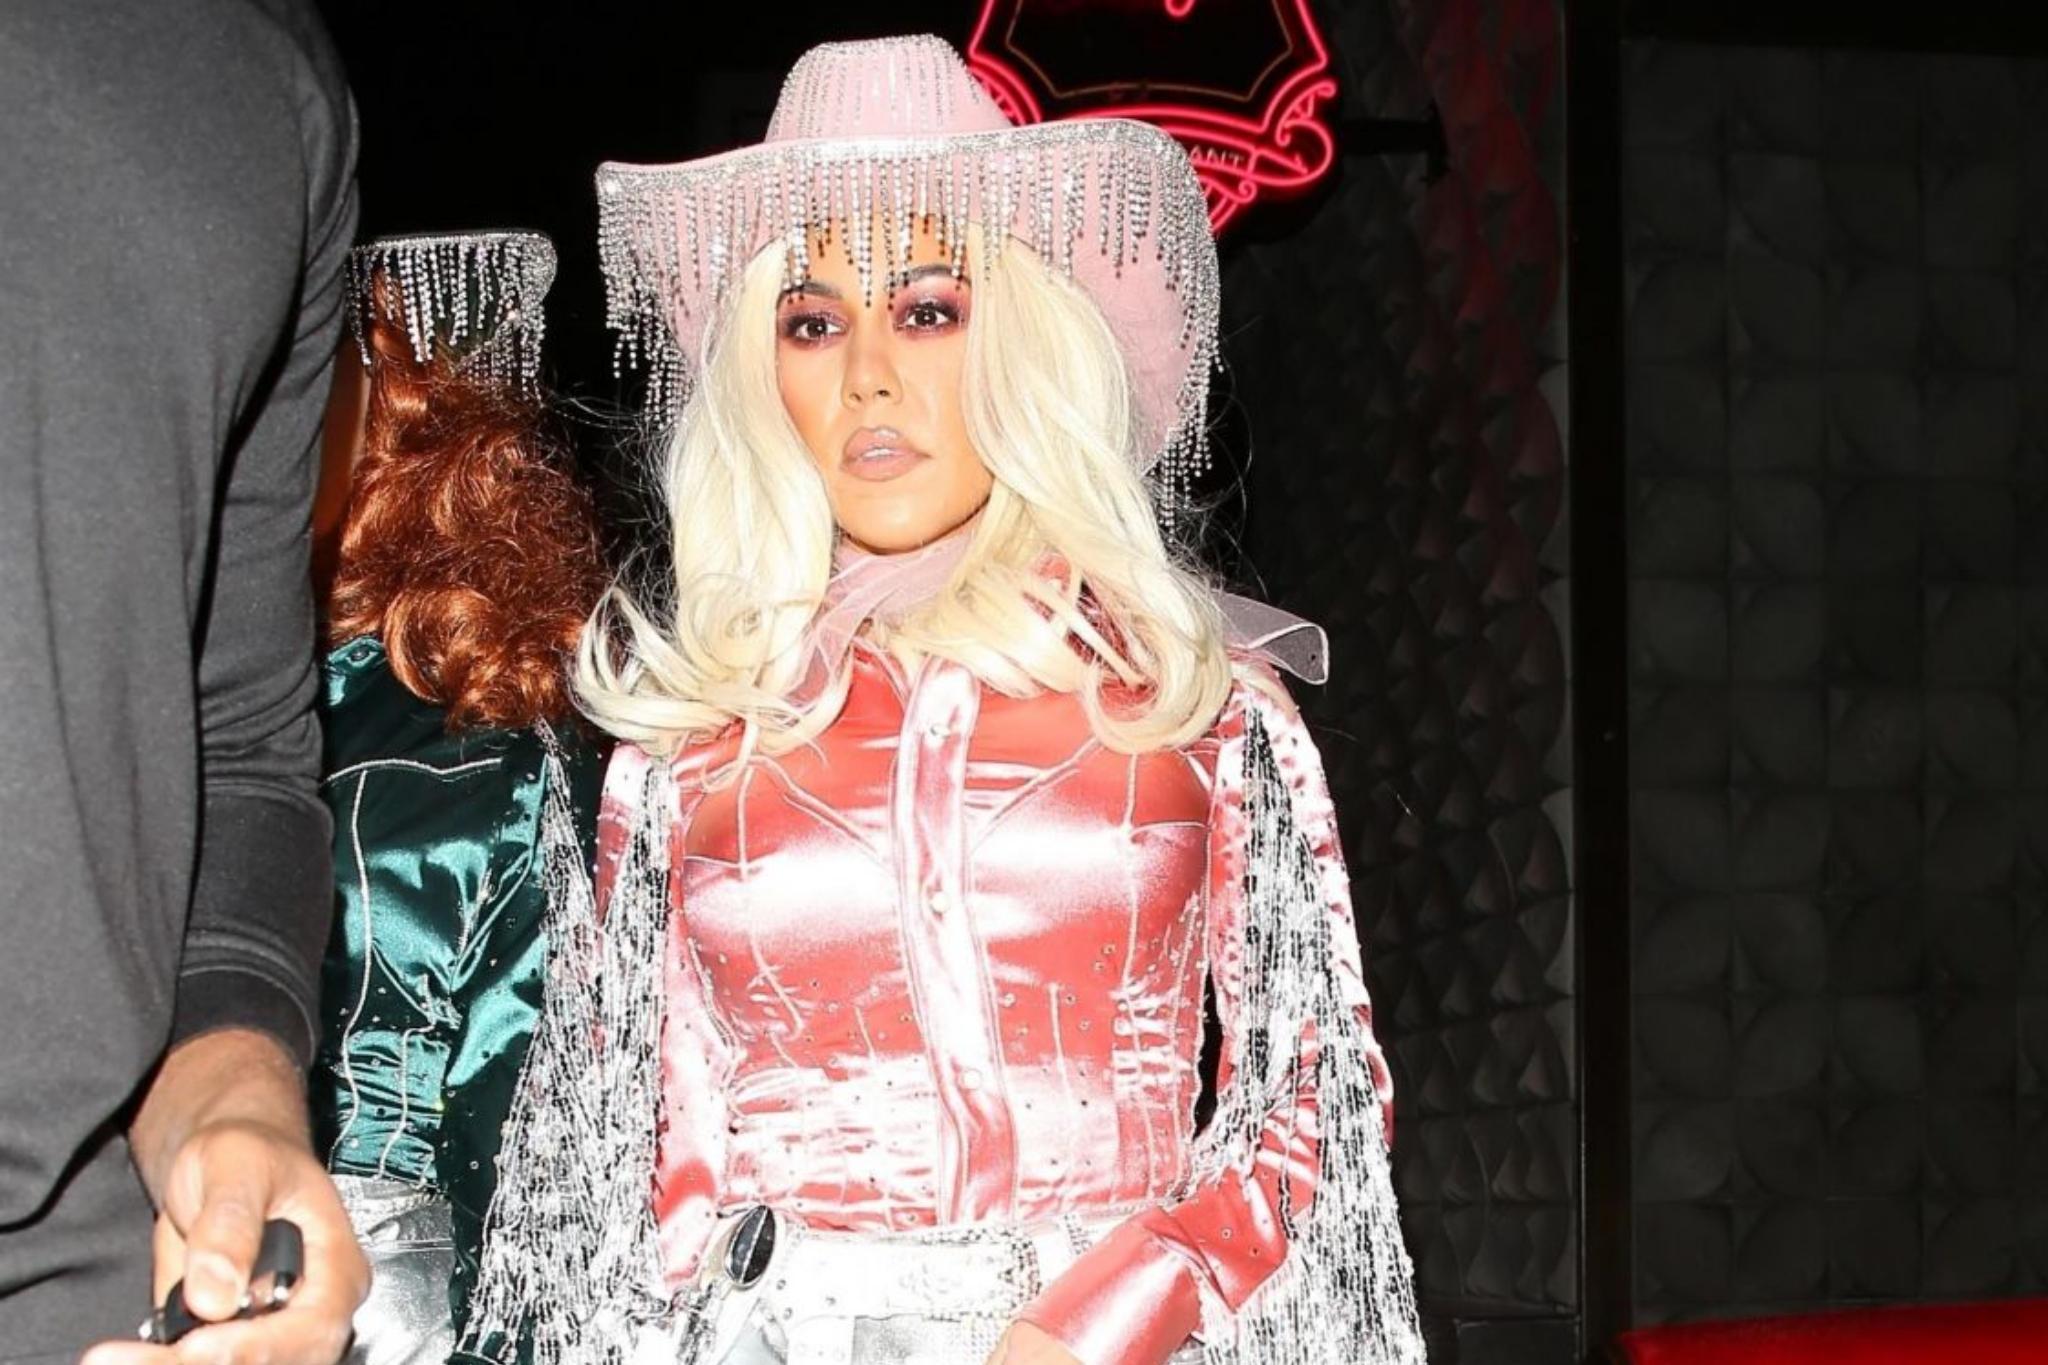 考特尼·卡戴珊一身靓丽打扮出席派对,穿搭时髦,性感至极